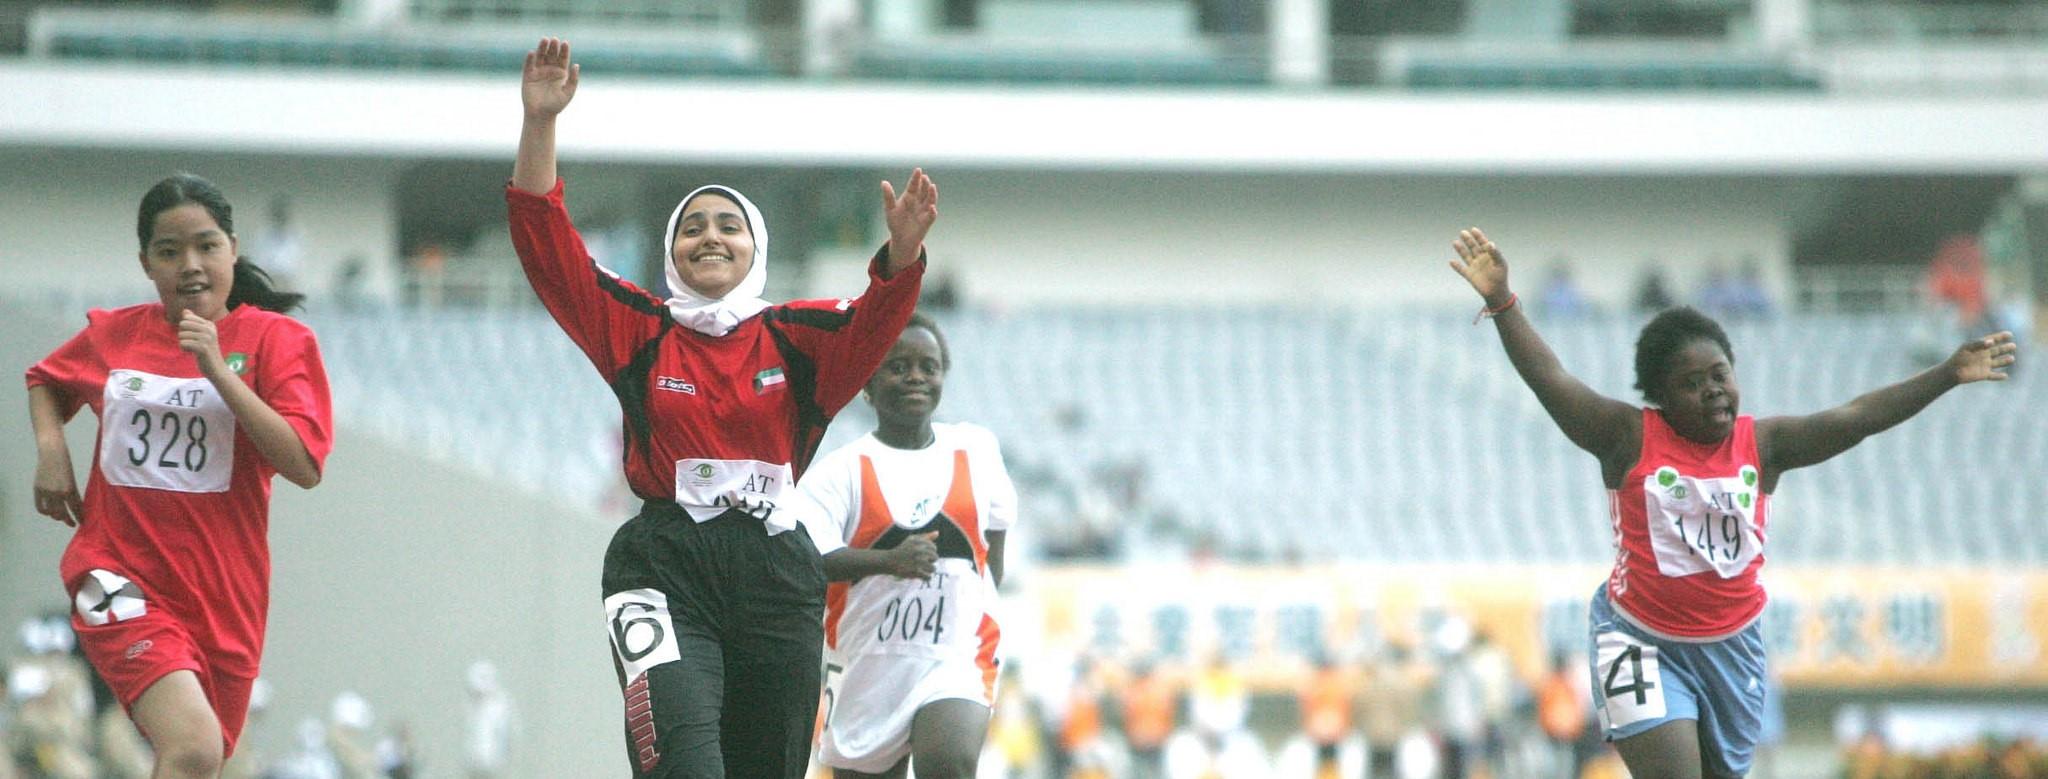 Sports_UAE